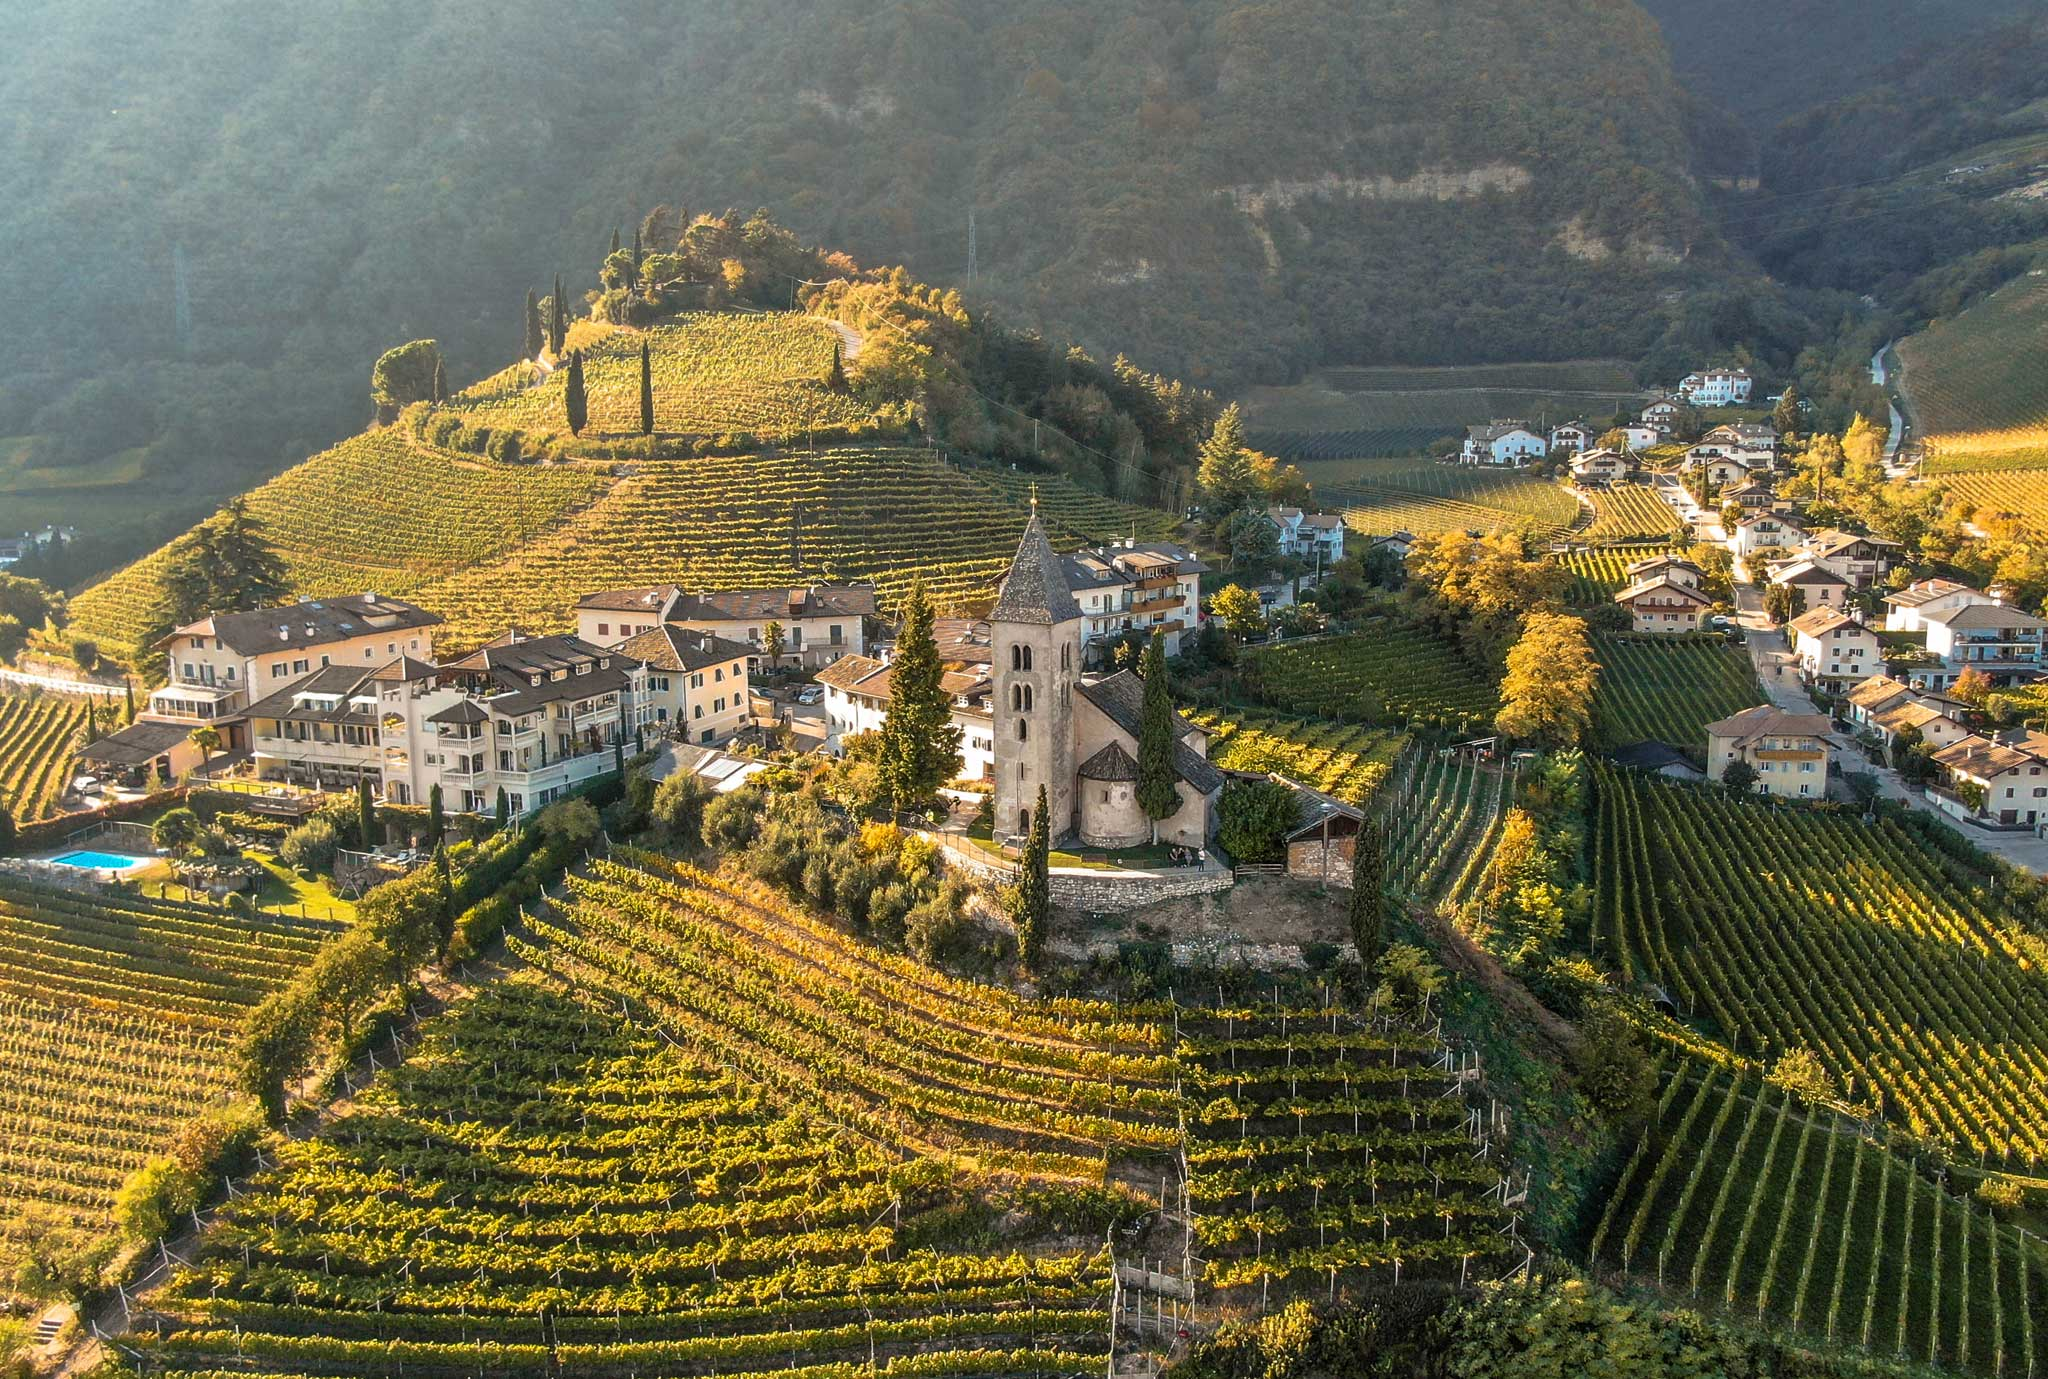 Ein Tag in unserem schönen Weindorf Tramin